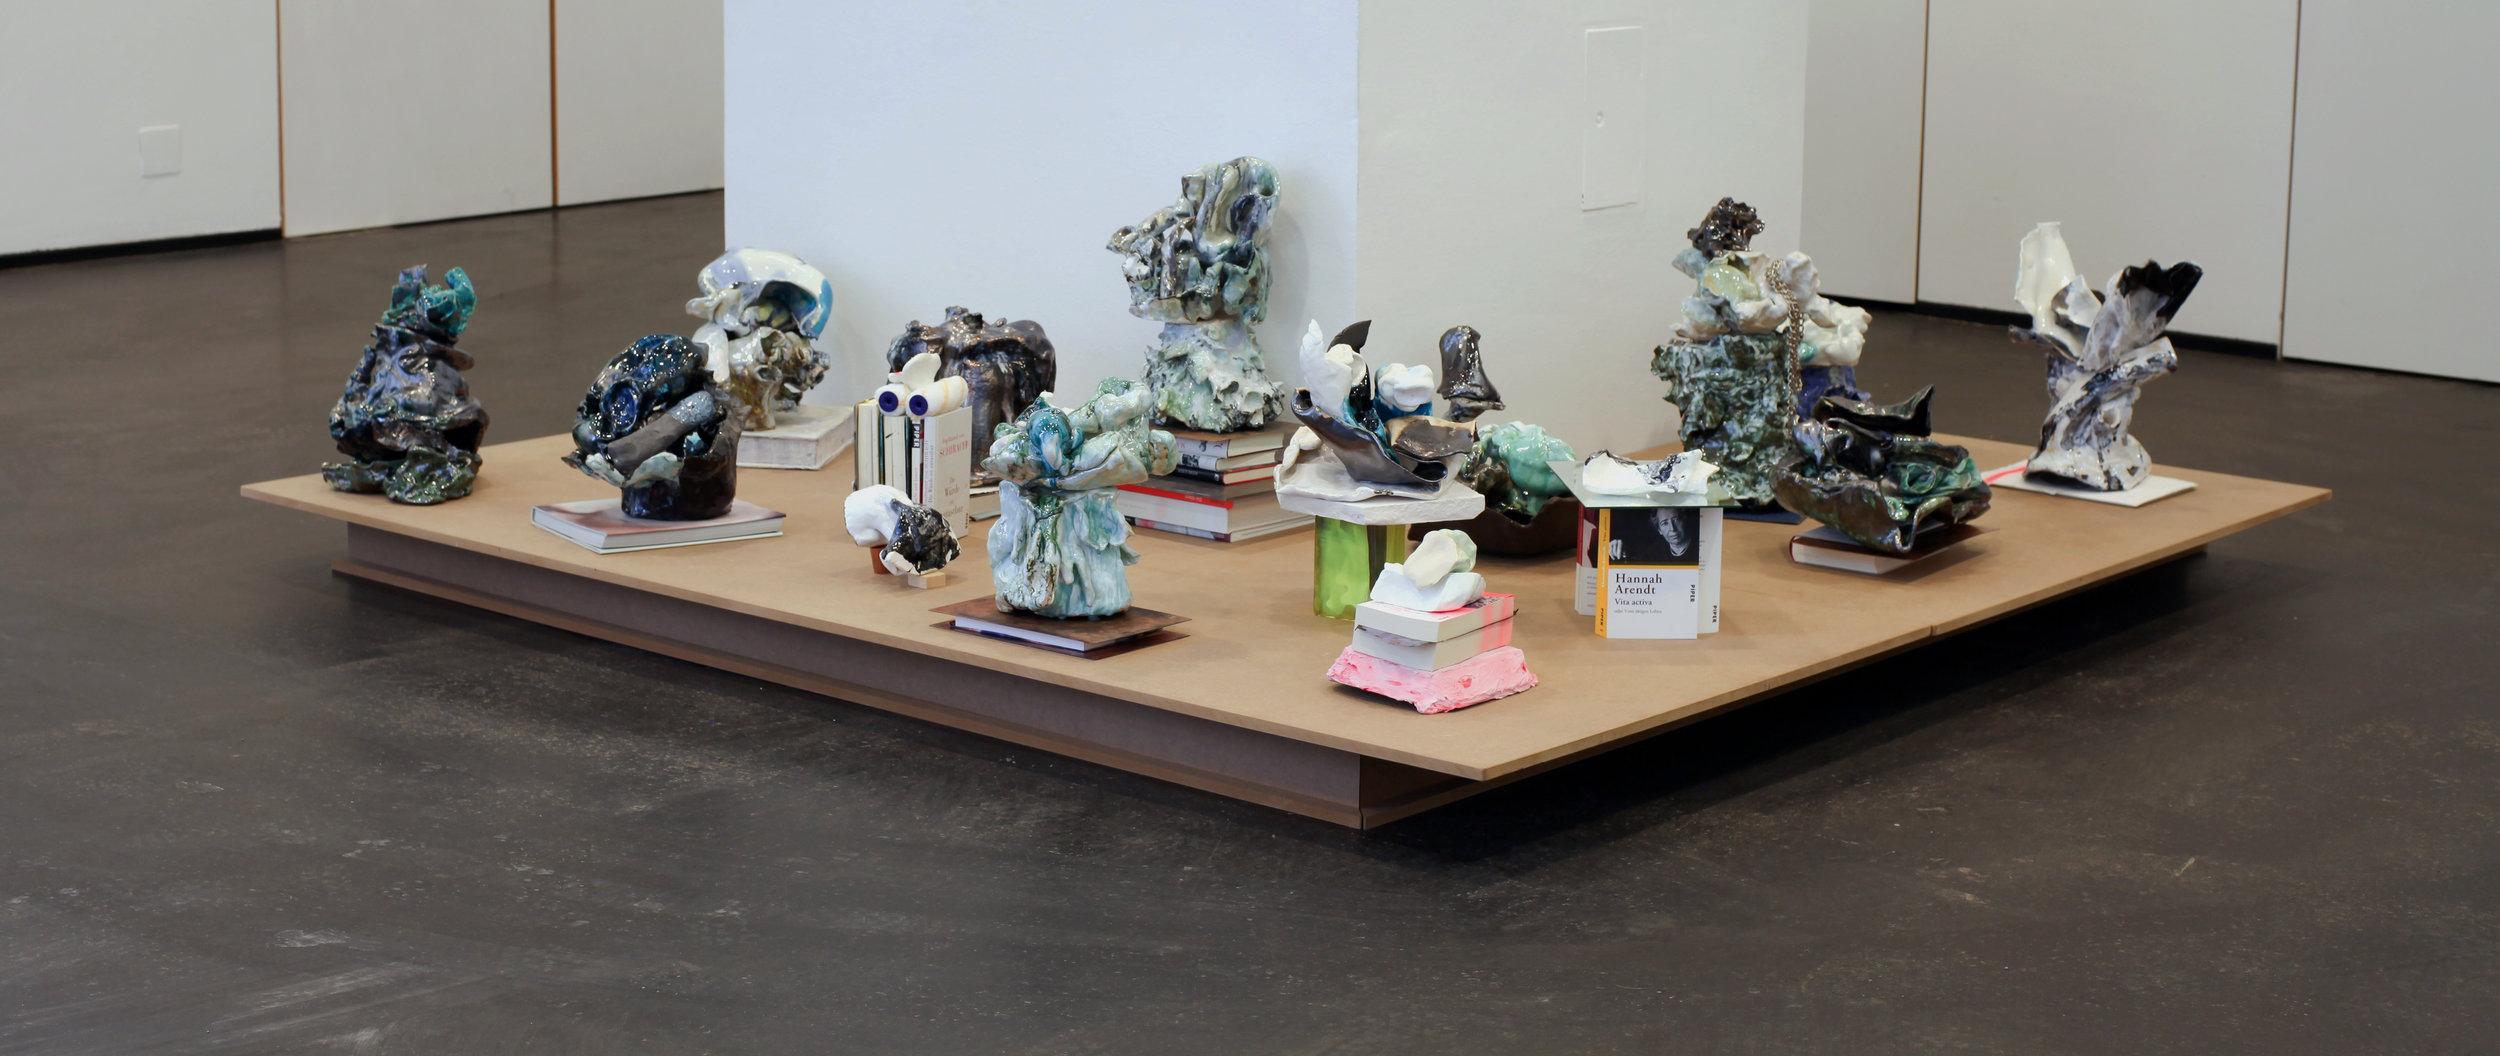 ceramics, 2016-2017